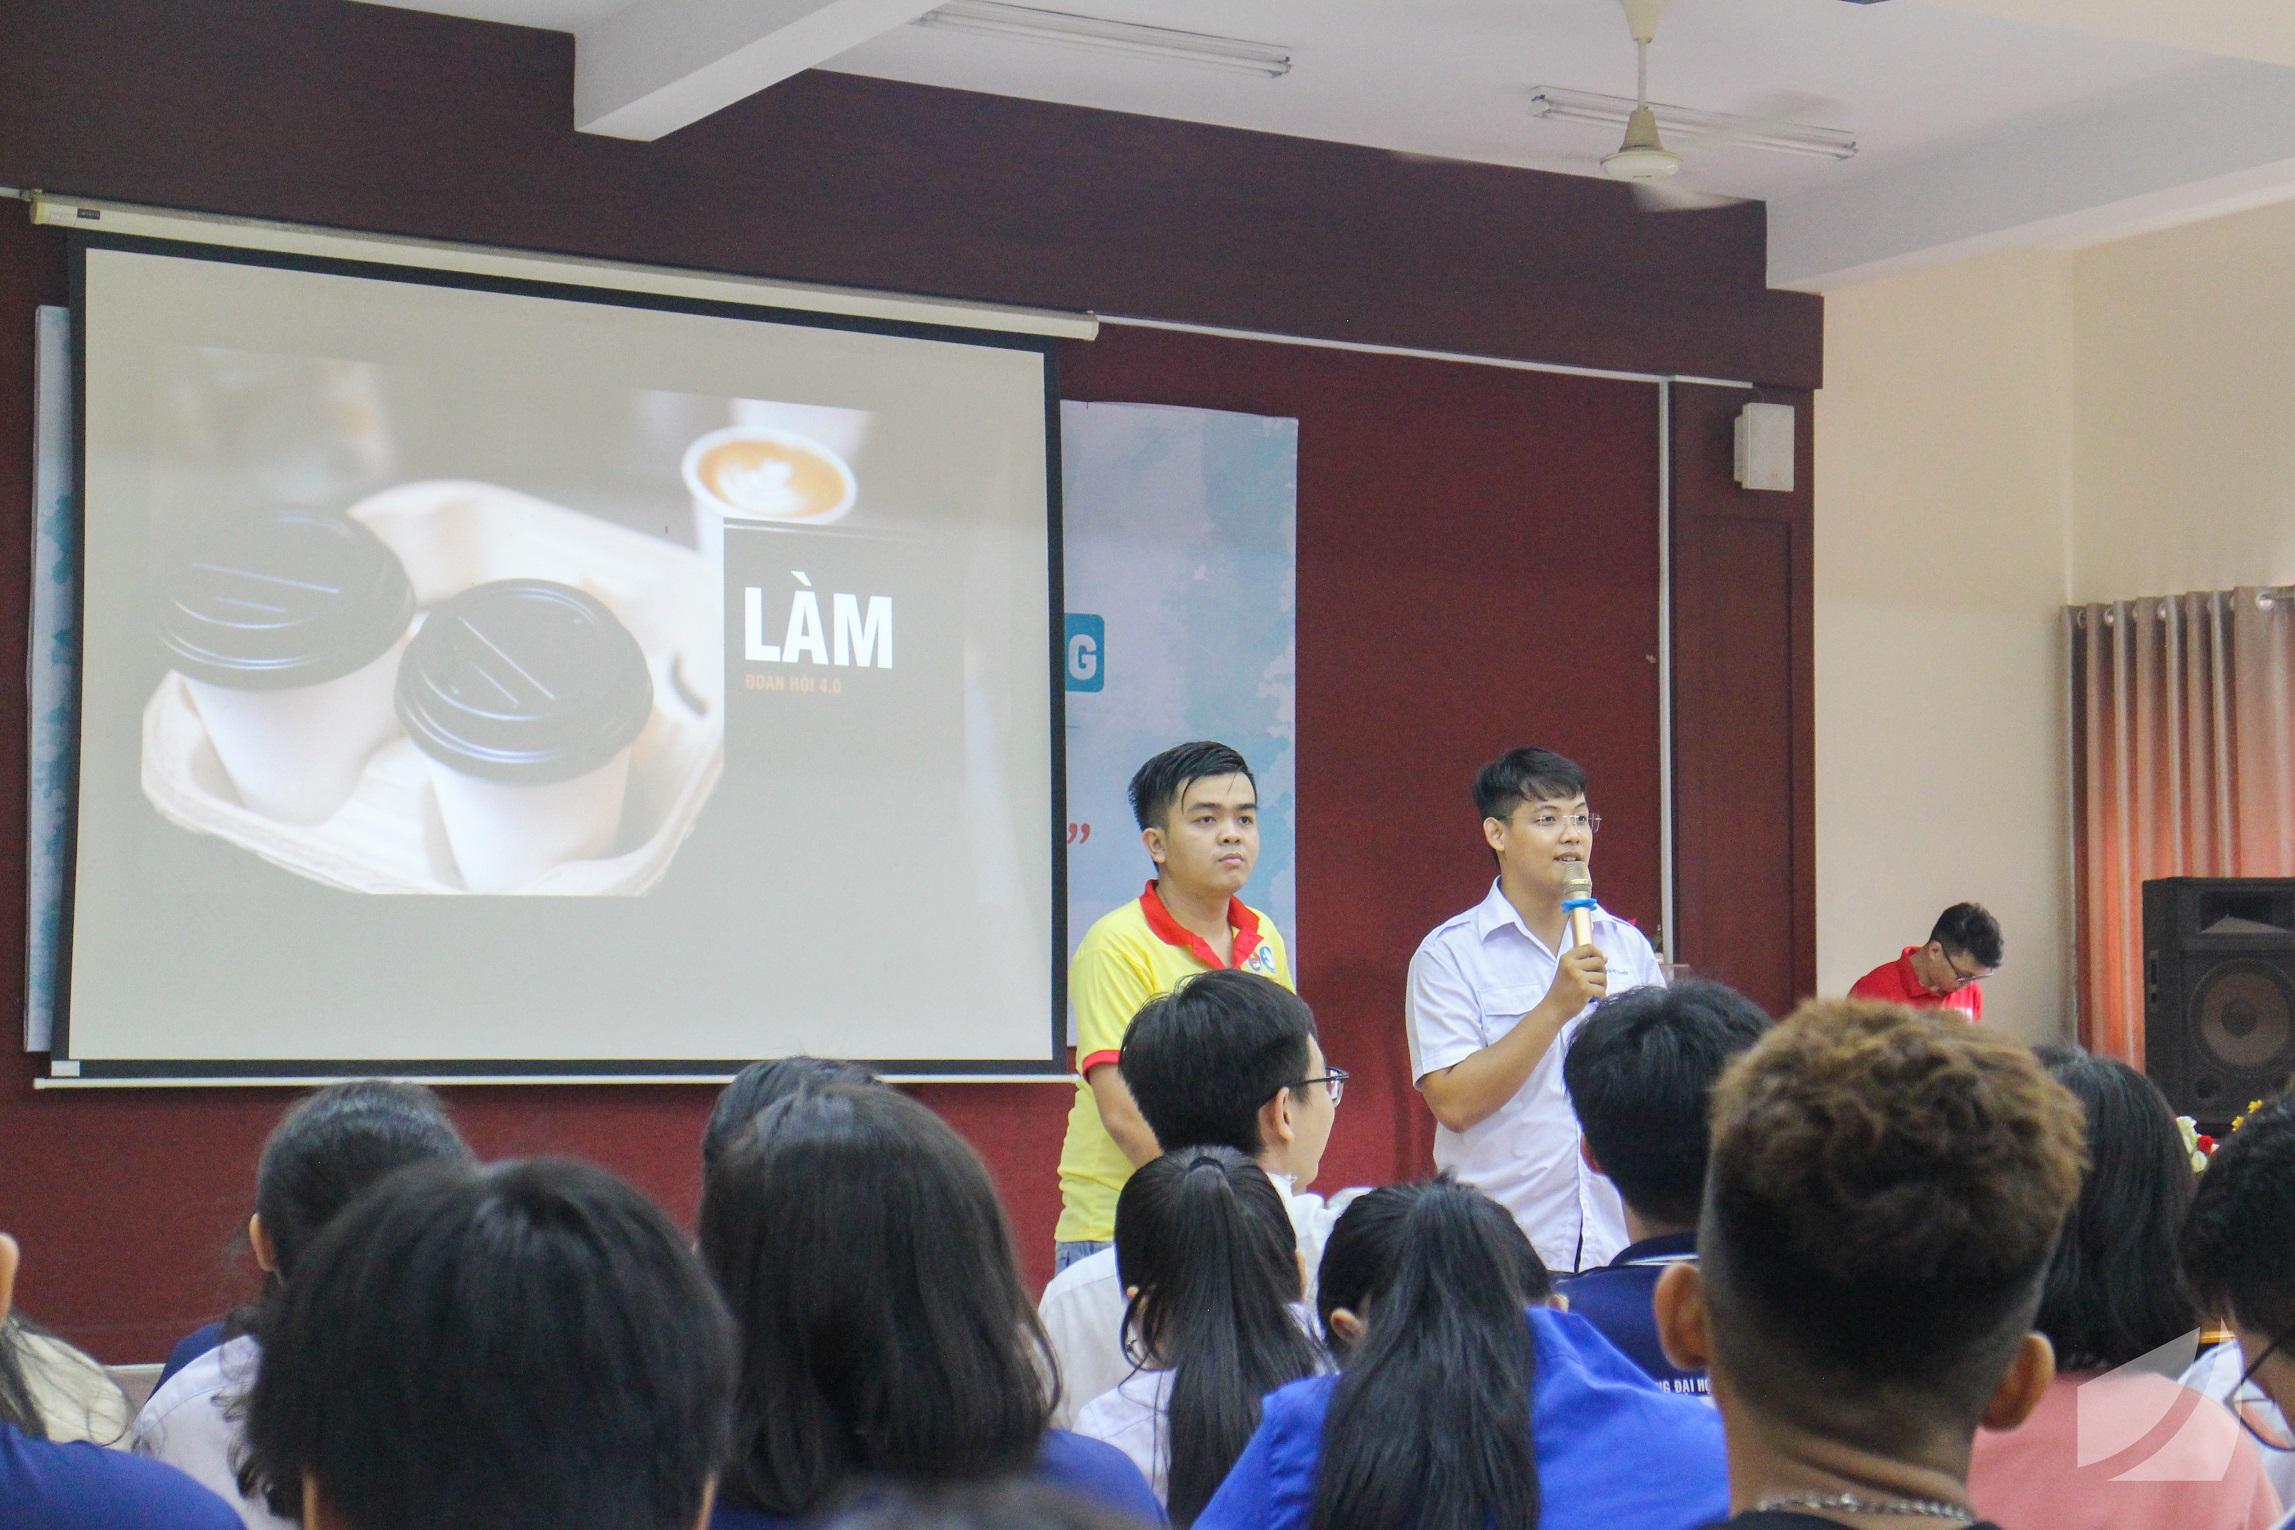 Chuyên mục Coffee LÀM - Nơi chia sẻ những kiến thức truyền thông cũng như phương pháp ứng dụng công nghệ thông tin trong công tác Đoàn, Hội